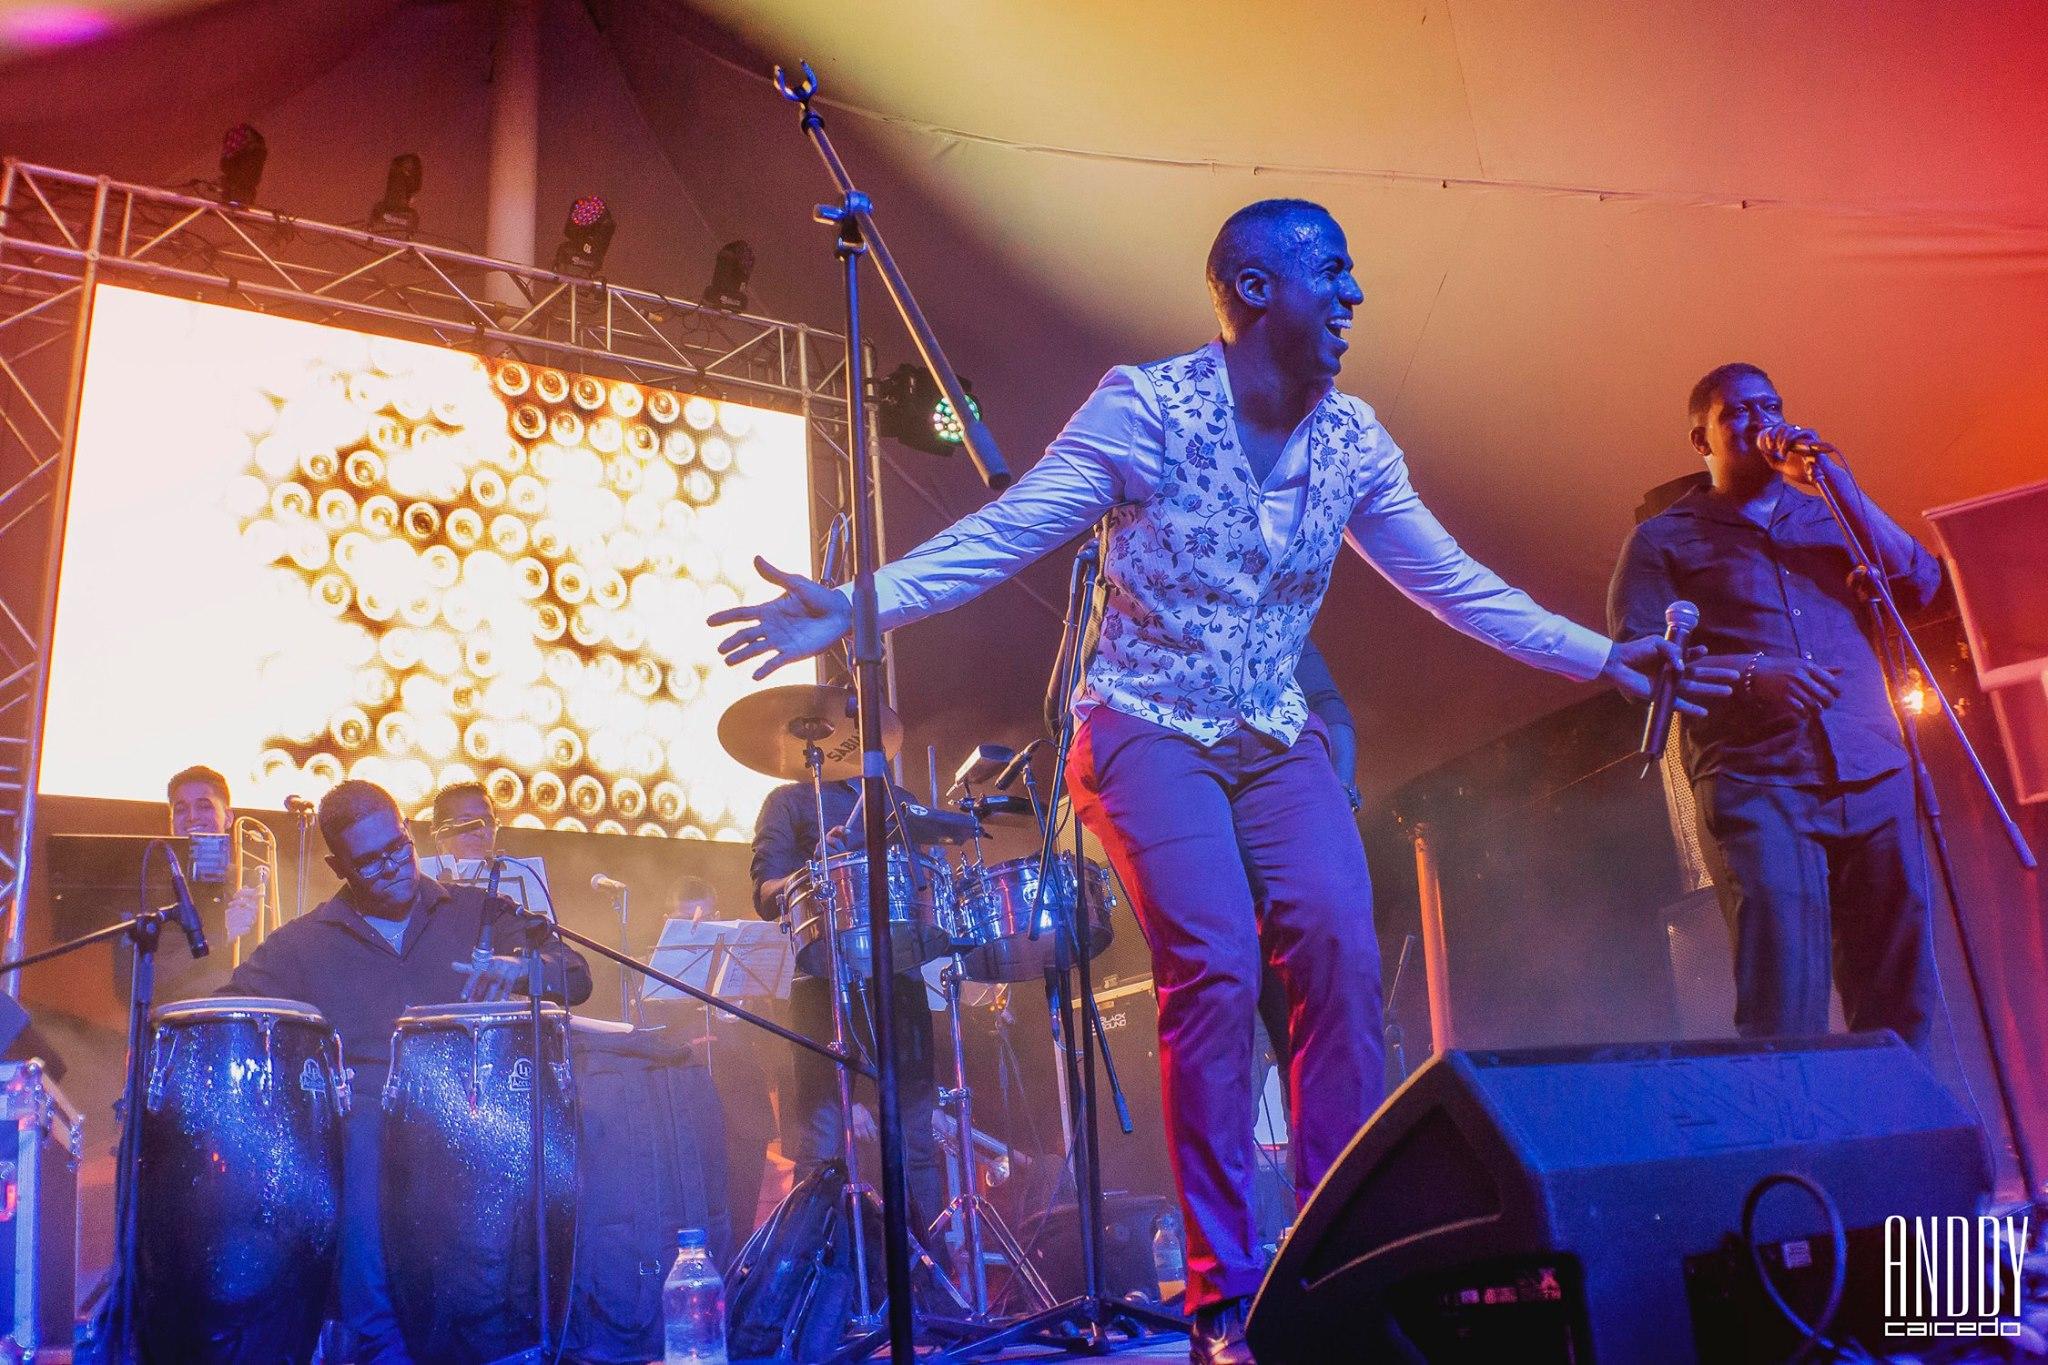 Anddy Caicedo concierto de salsa Colombia